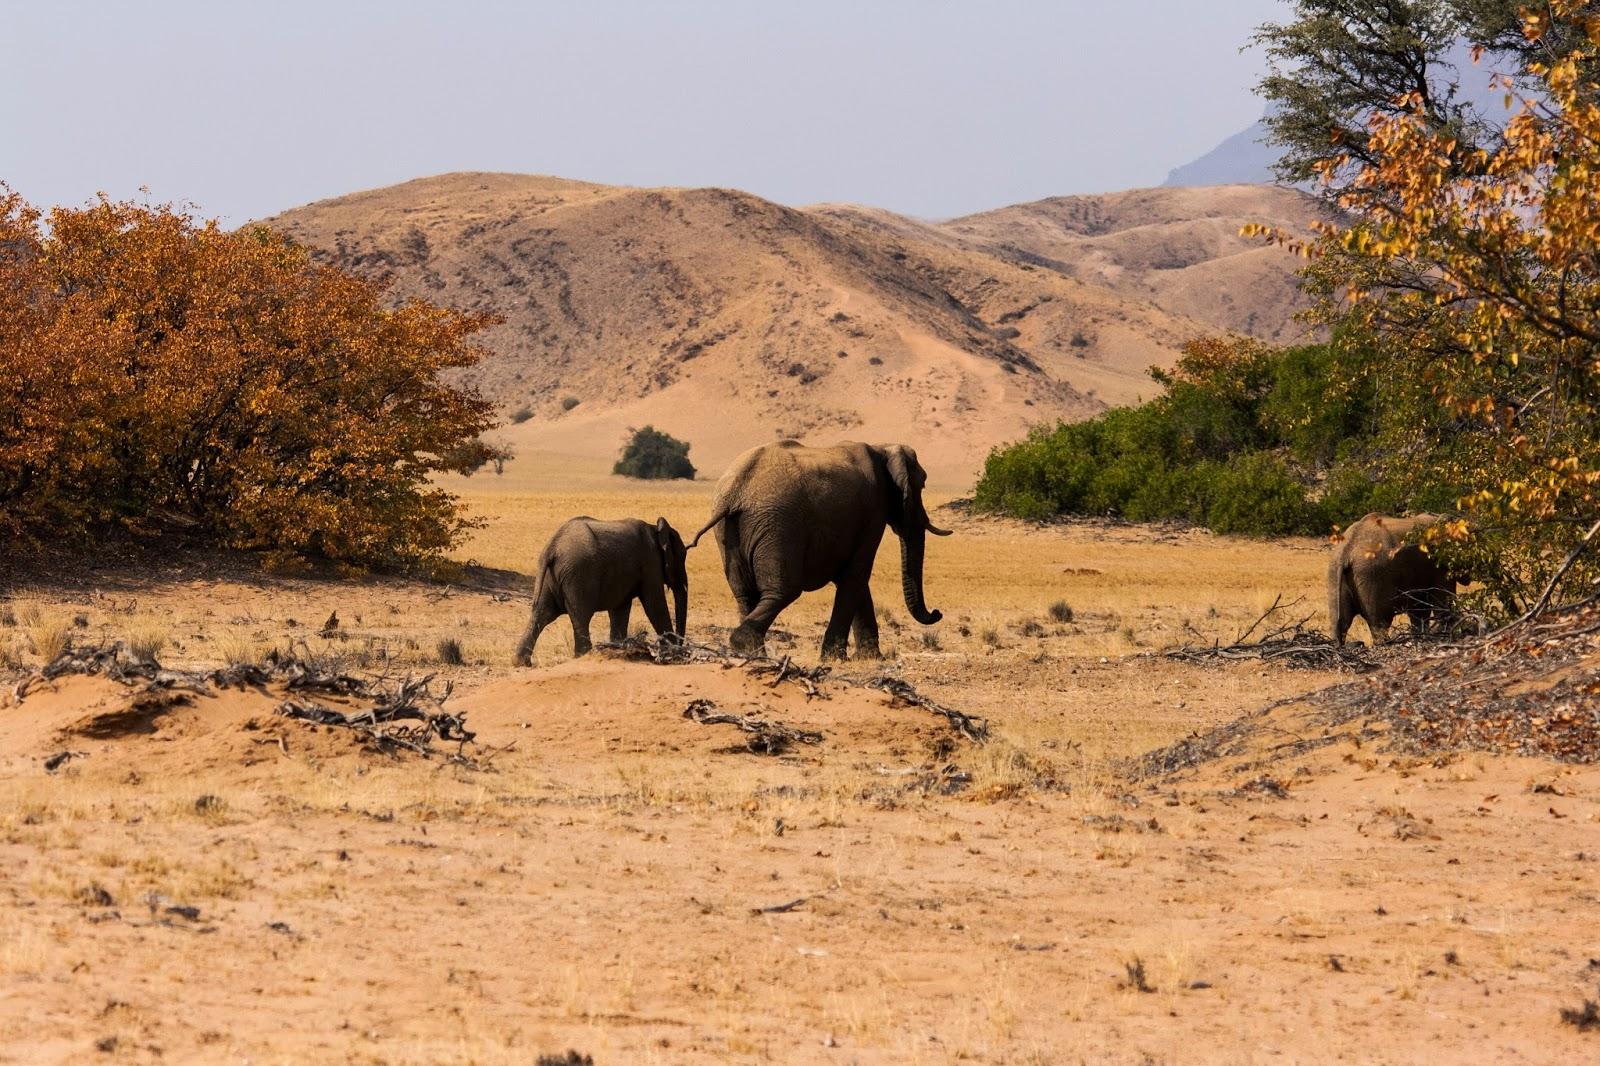 elephants damaraland namibia